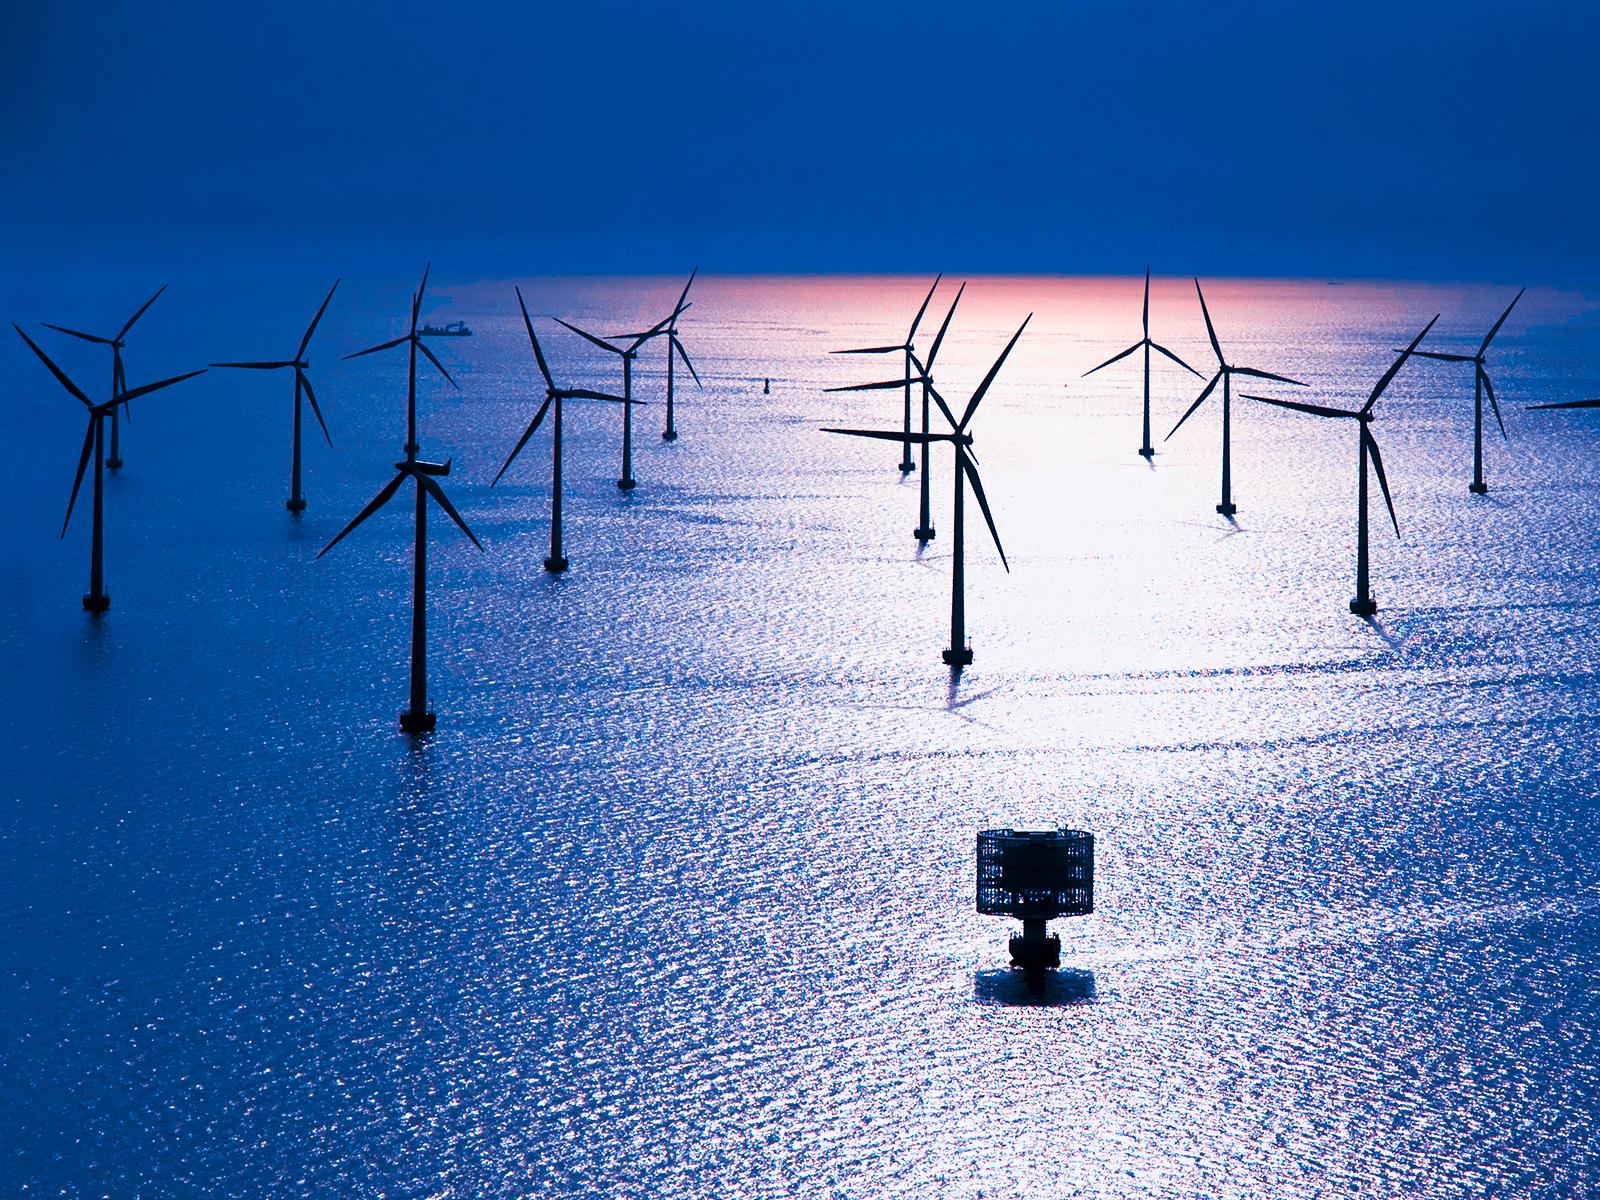 Eólica marina: Inauguran el mayor parque eólico del mundo con 175 aerogeneradores Siemens, por José Santamarta